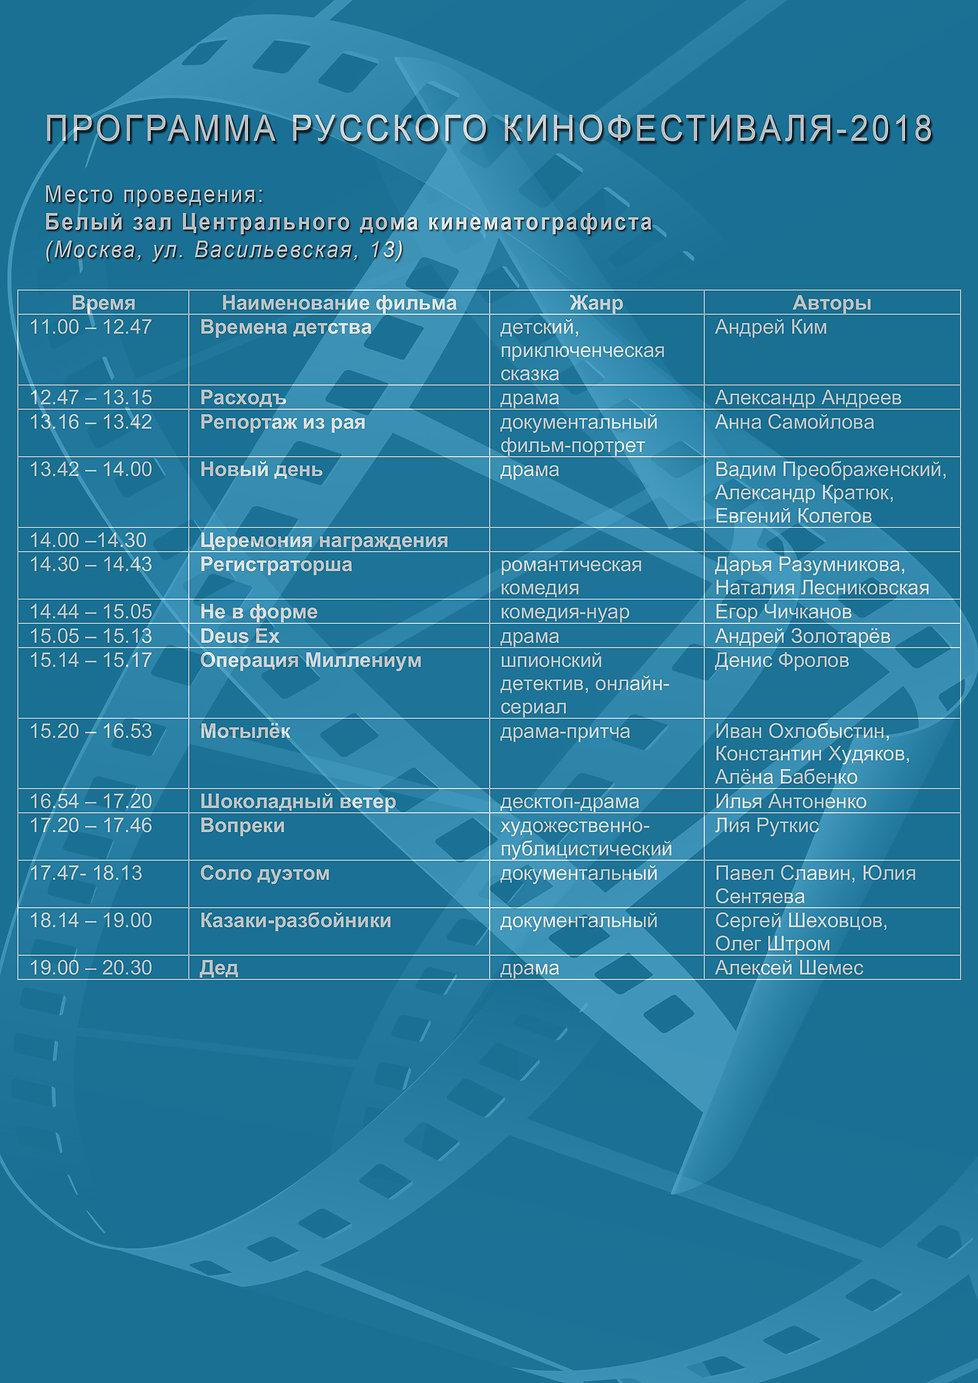 Программа Русского кинофестиваля 2018 4.